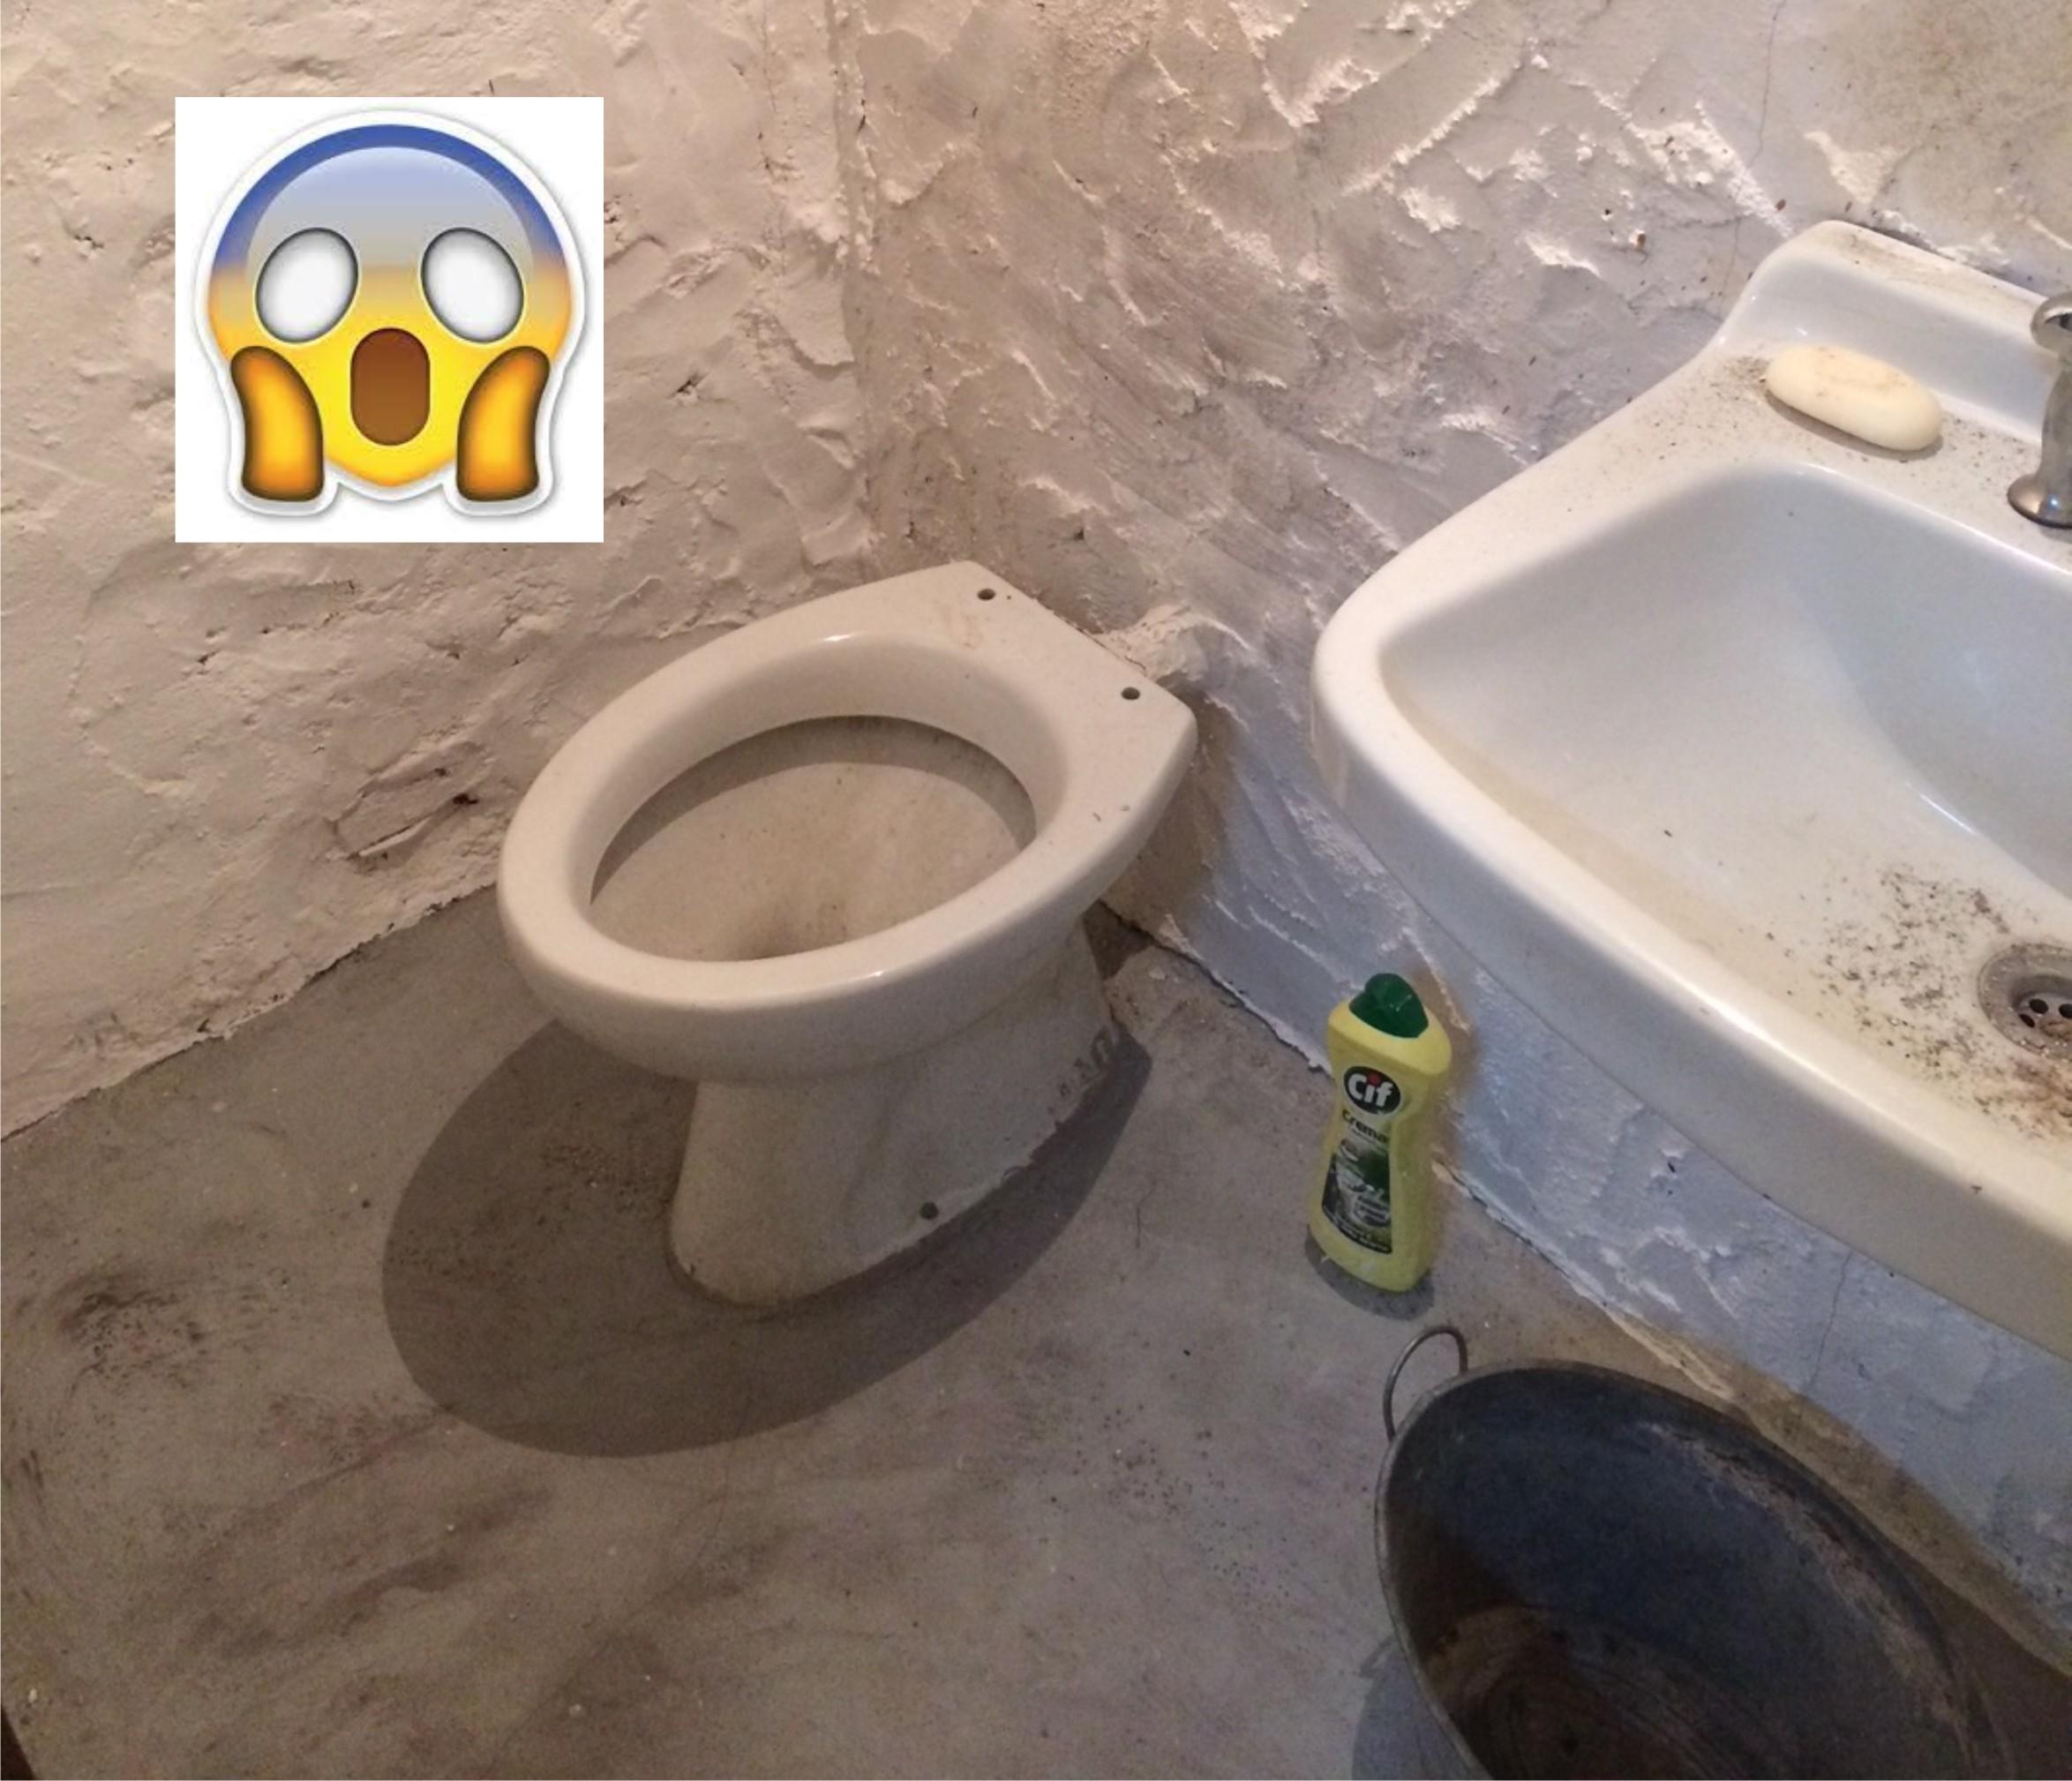 Piastrella per il bagno di un ristorante come scegliere fratelli pellizzari - Come si piastrella un bagno ...